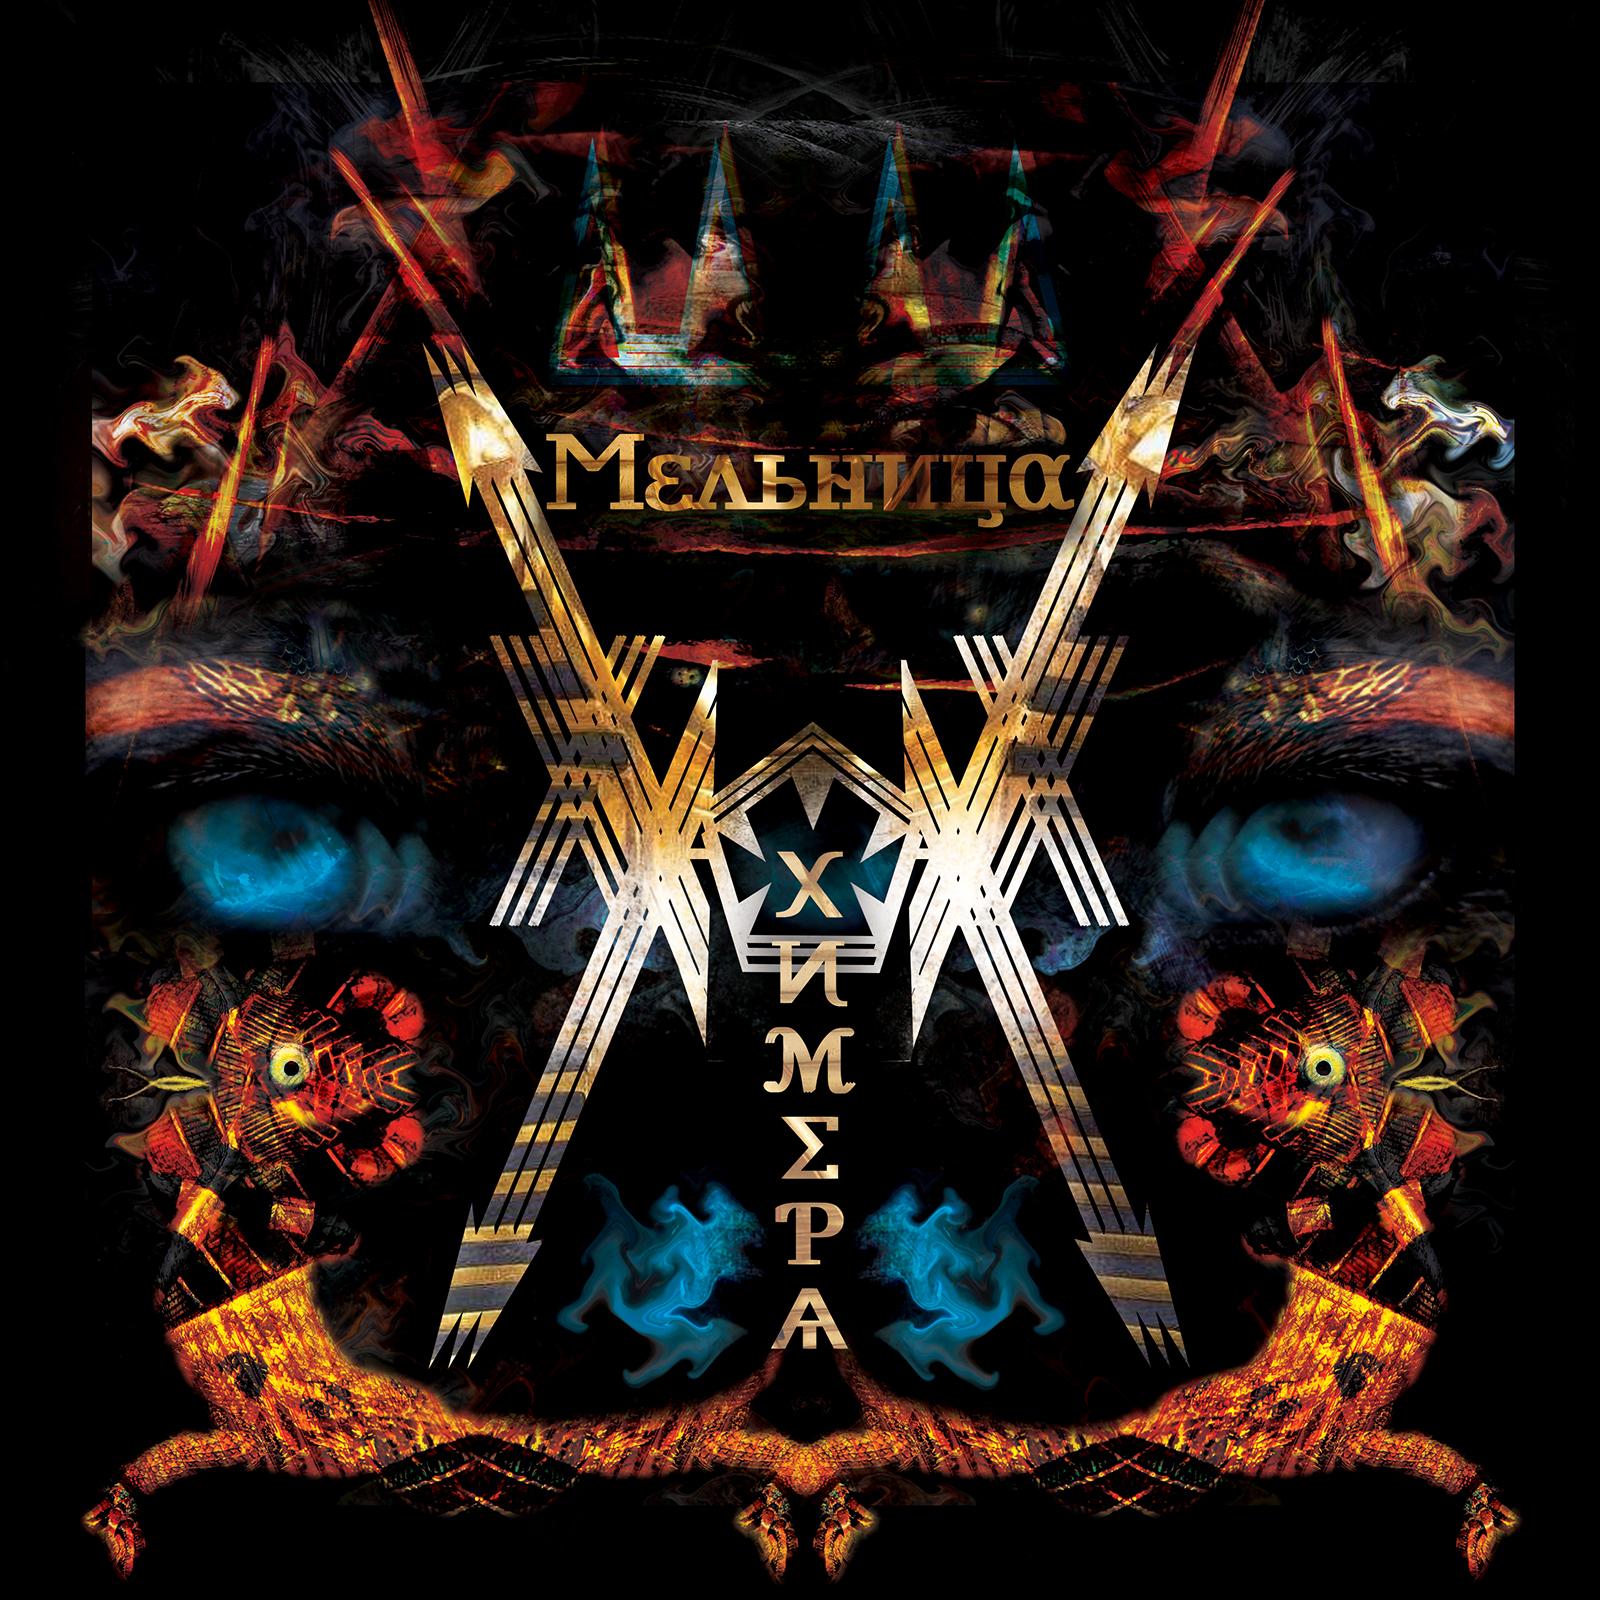 Рецензия на альбом | Мельница - Химера (2016)